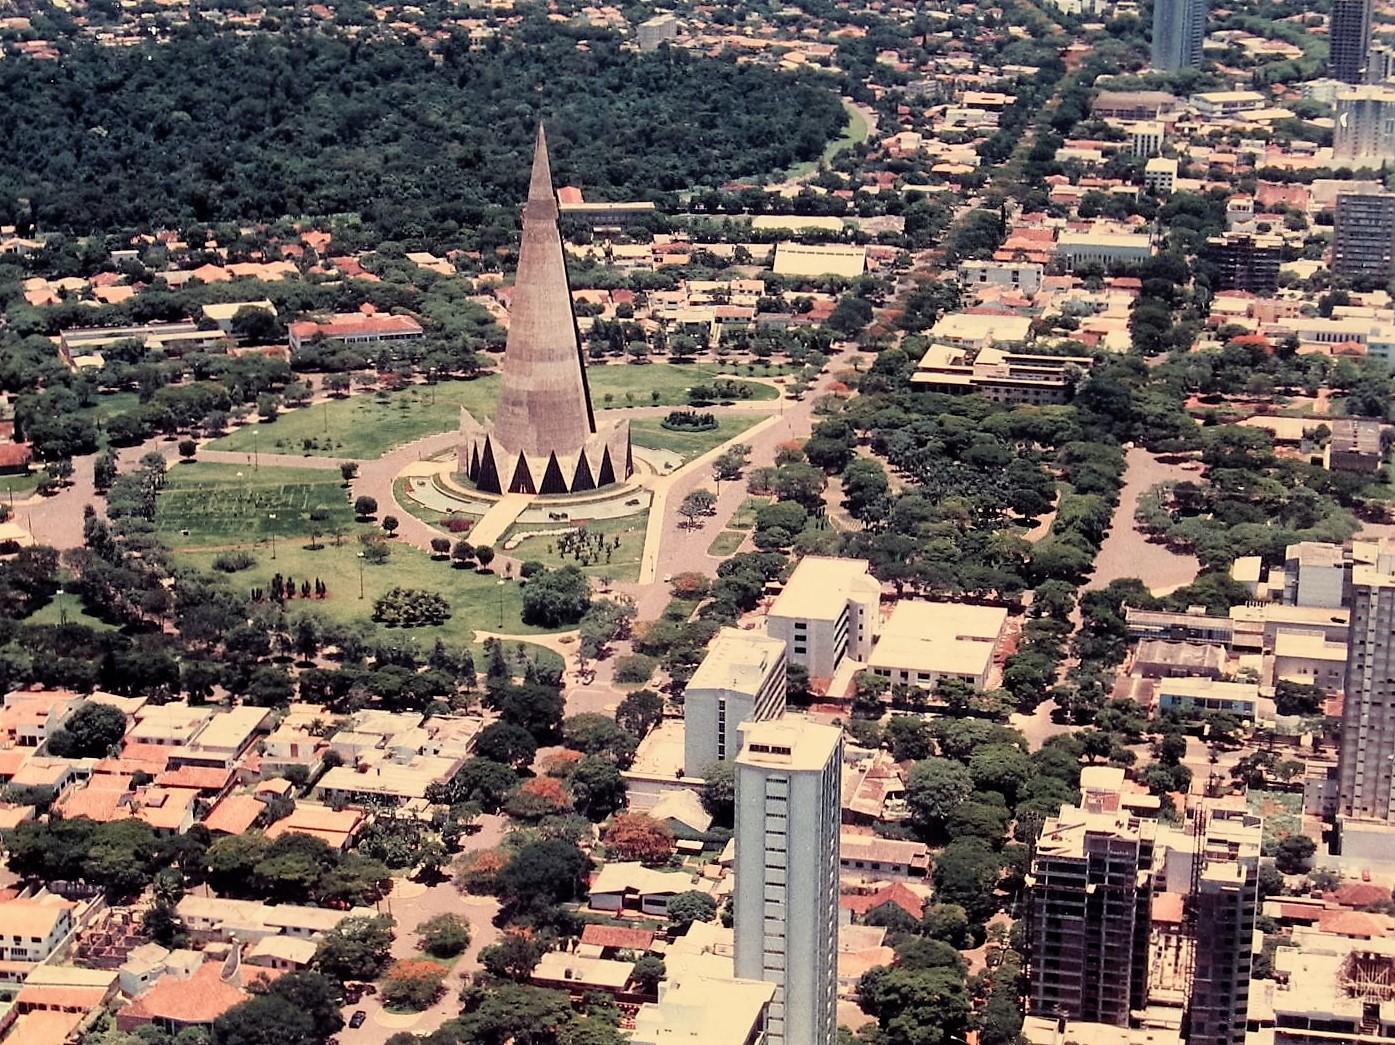 Vista aérea - 1984